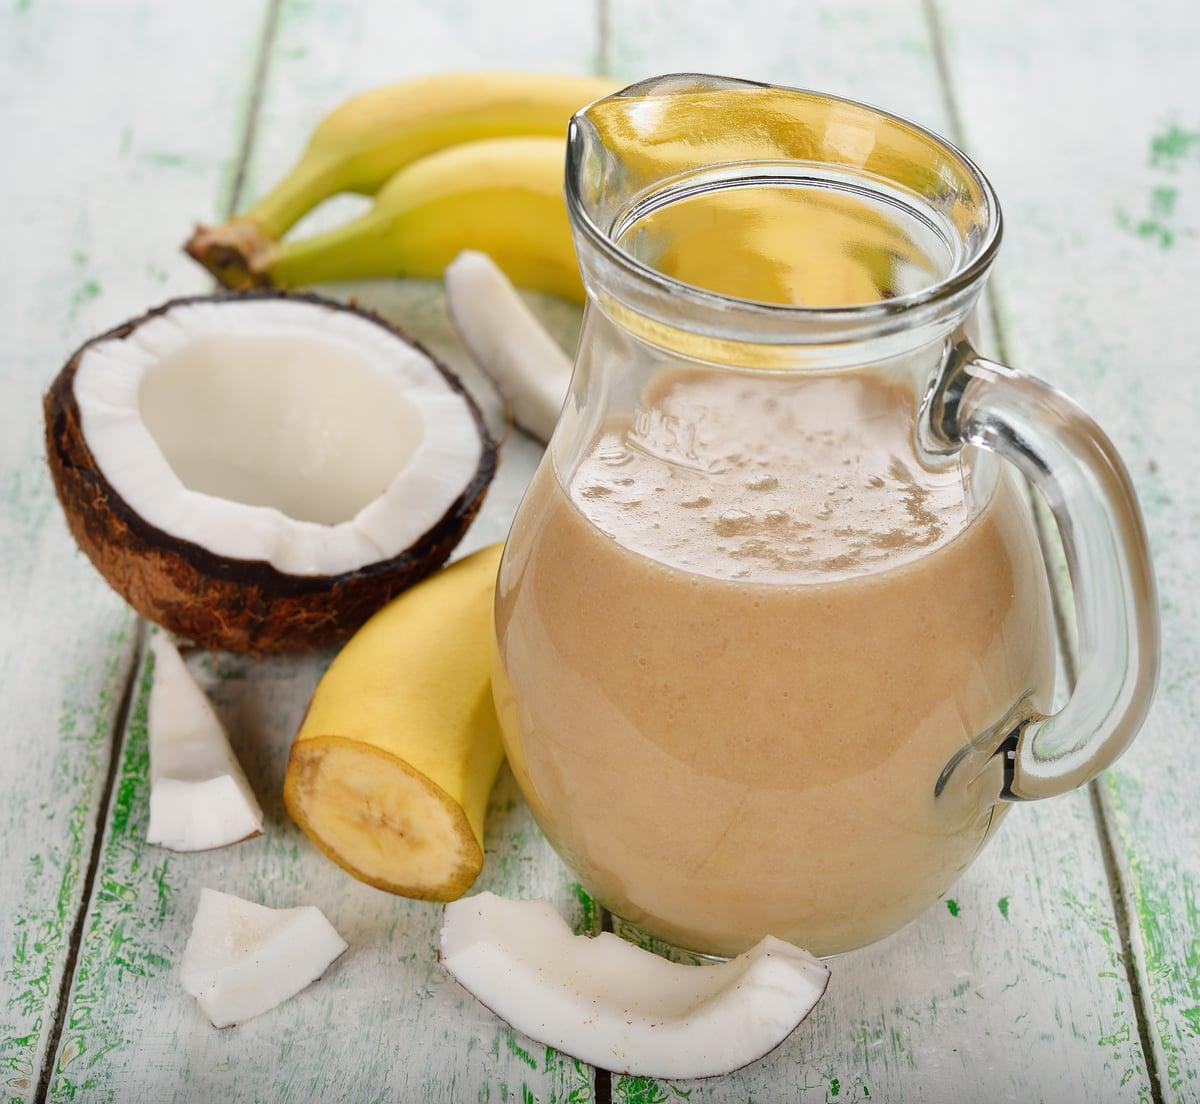 Banana, sweet potato, coconut milk